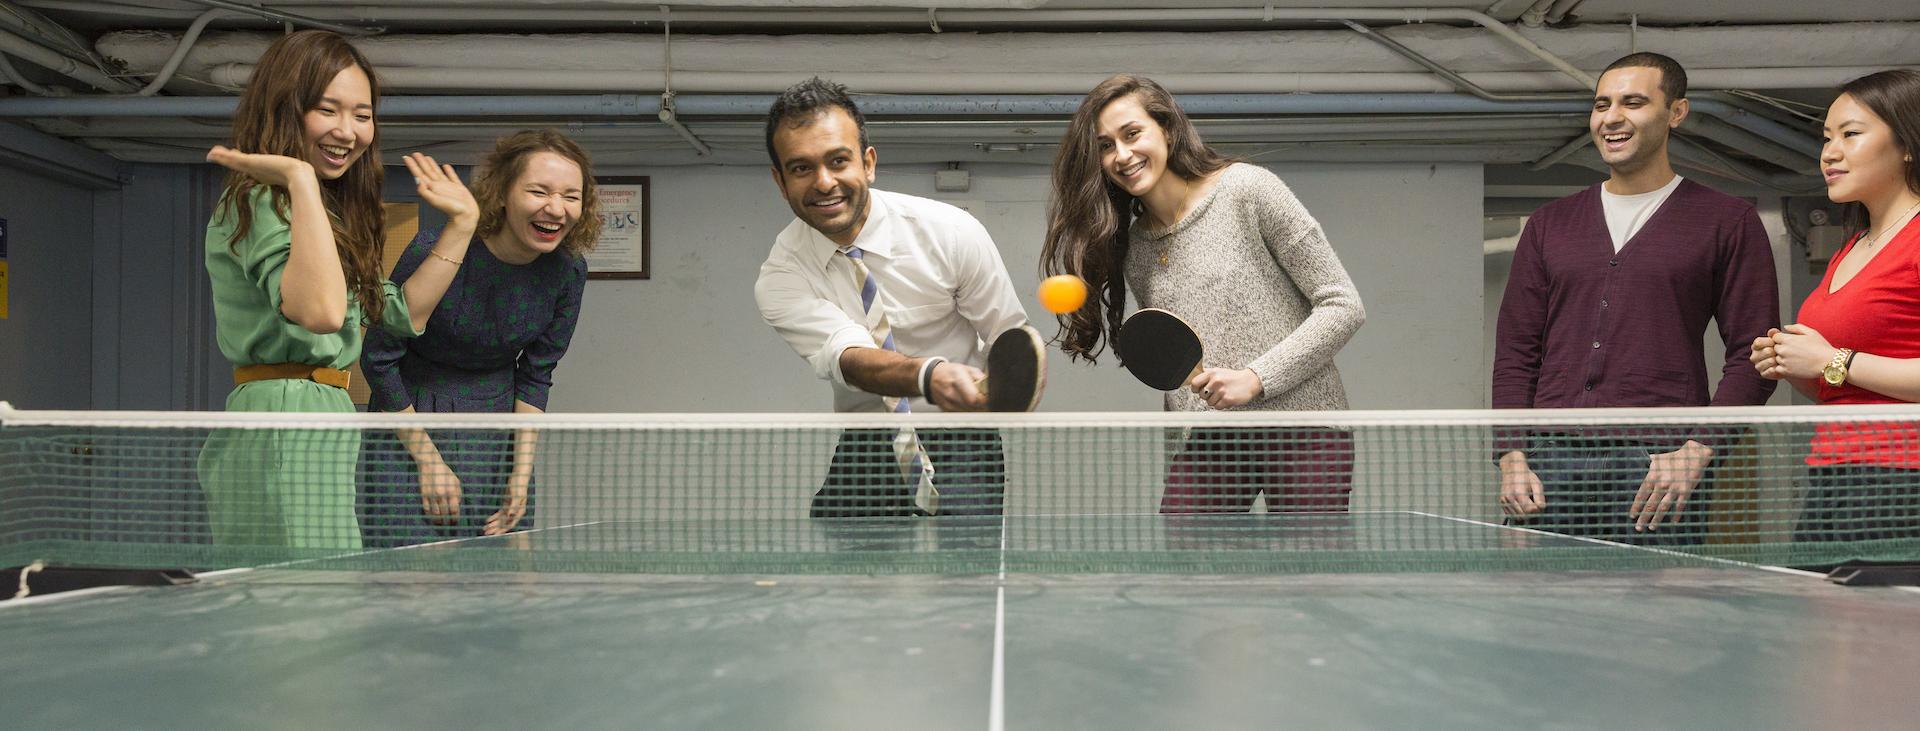 Grad students playing ping pong